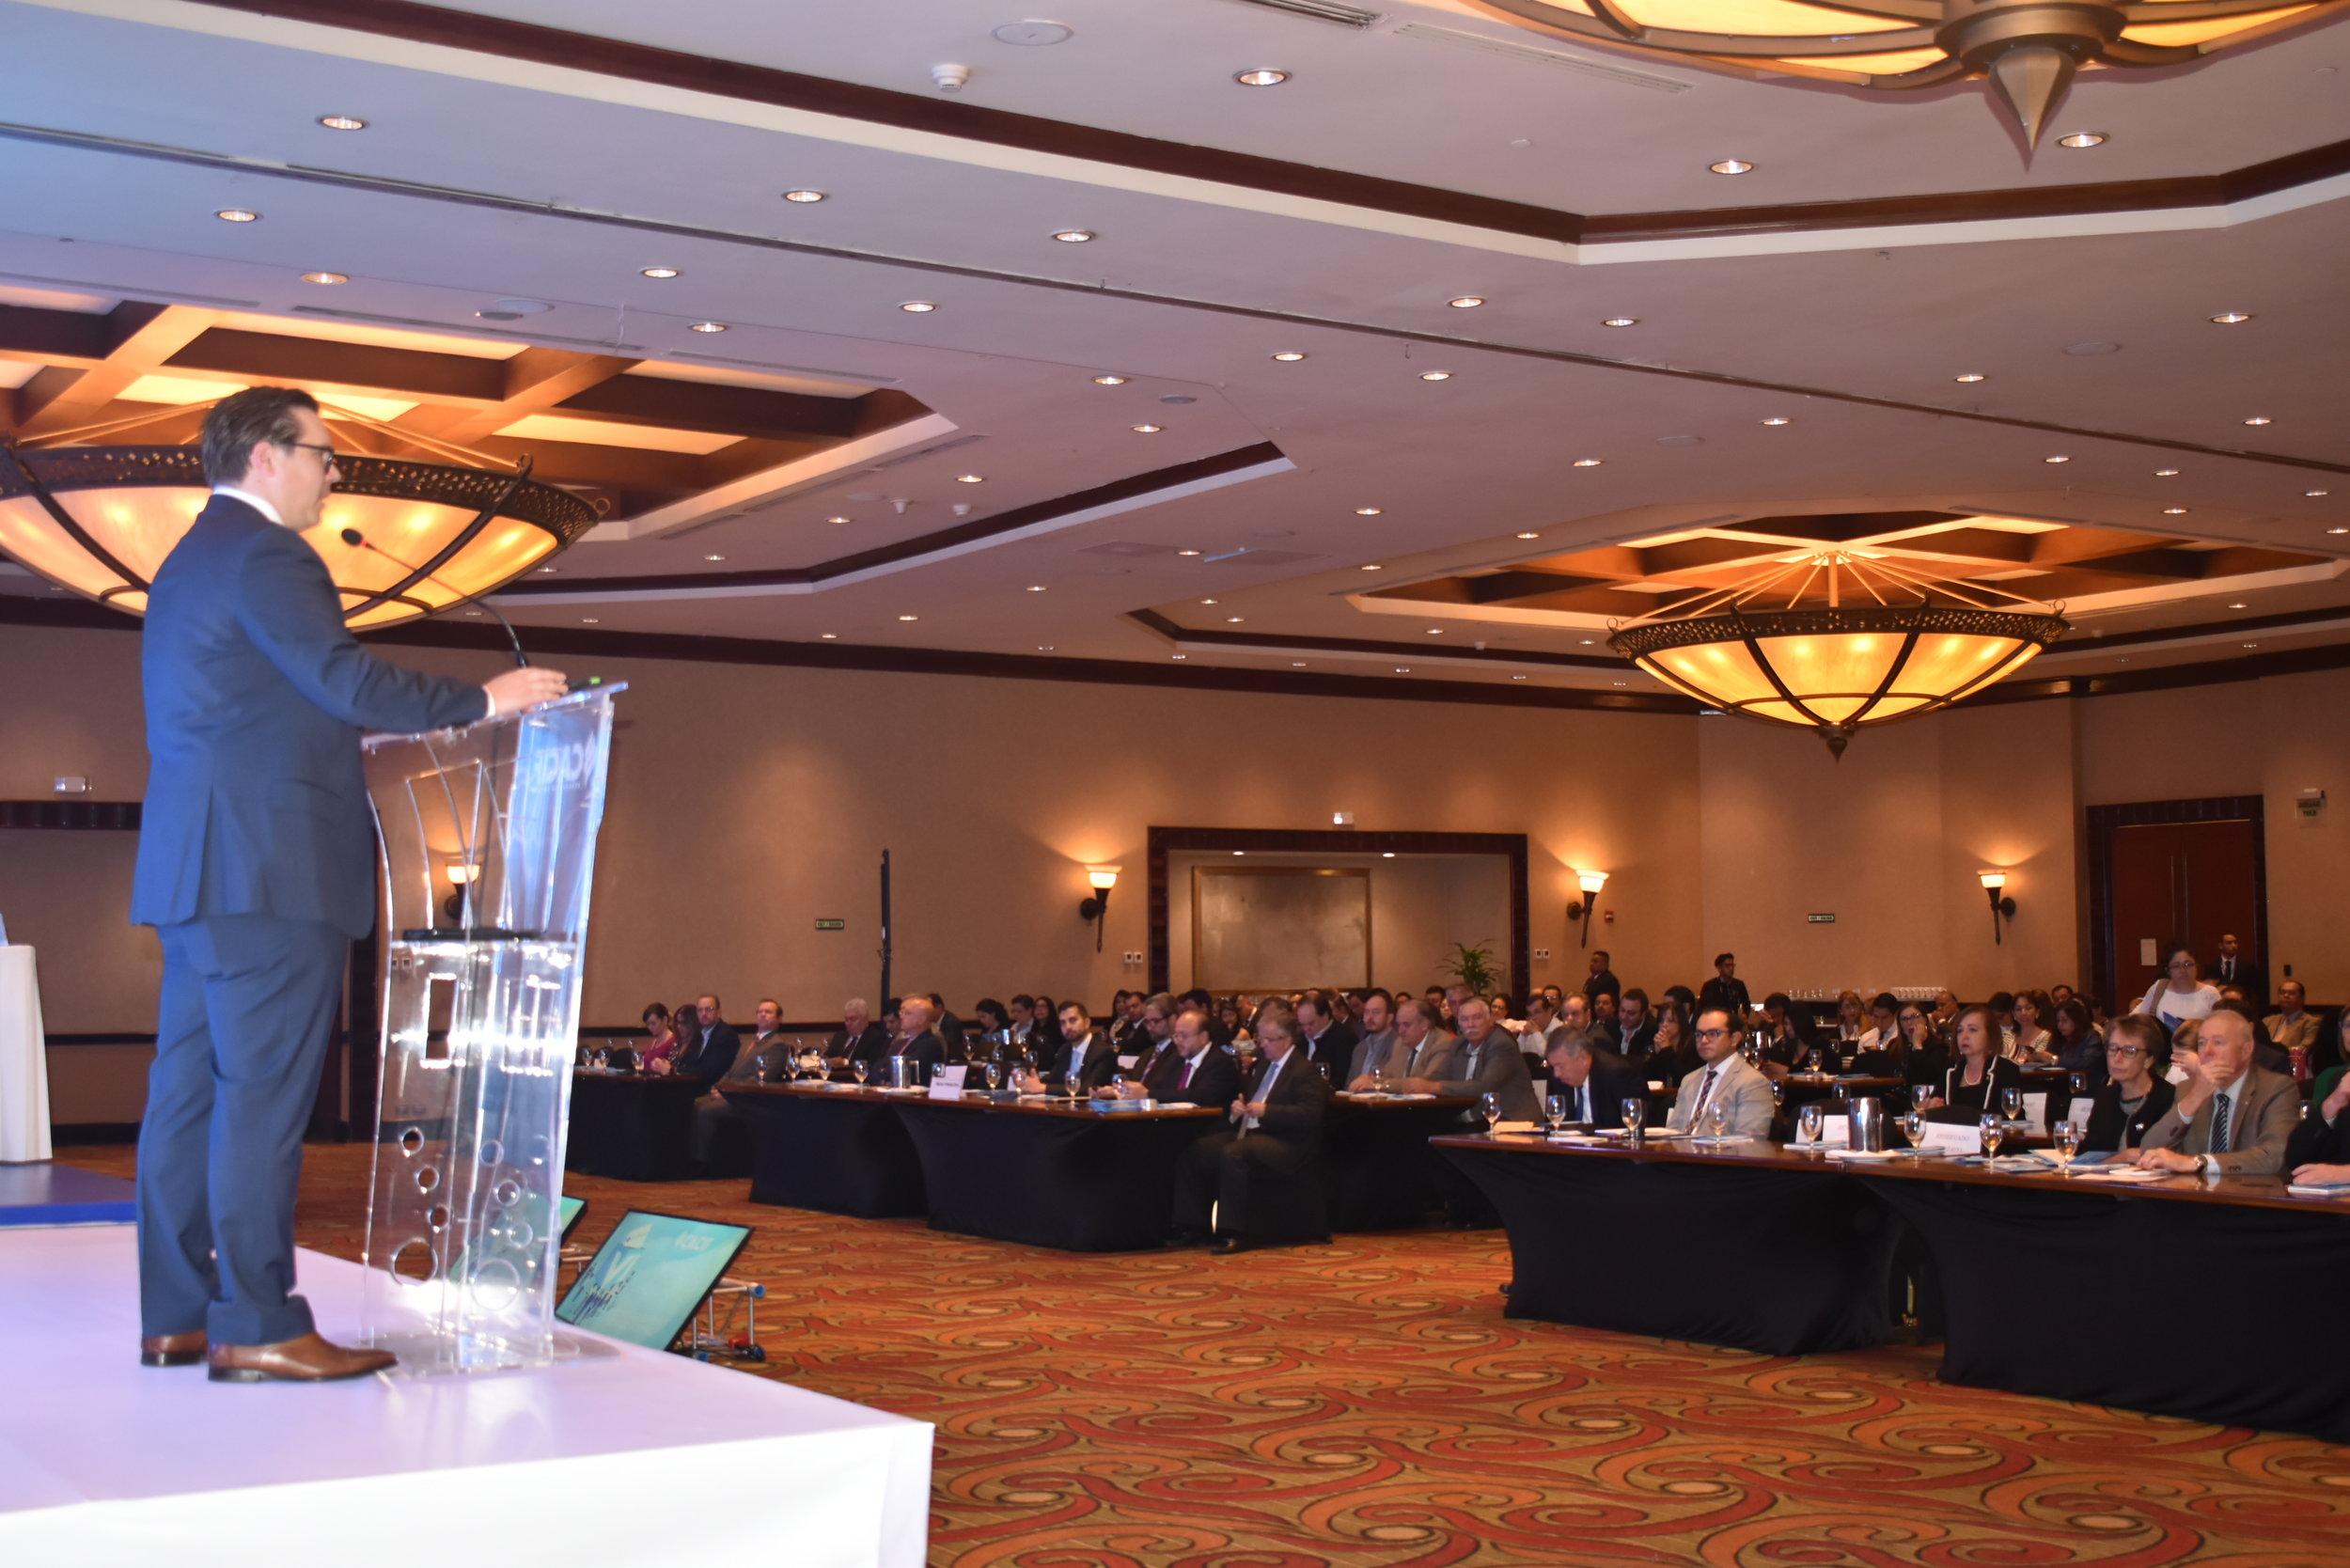 El presidente de CACIF, Juan Carlos Tefel, dirigiéndose al público asistente.